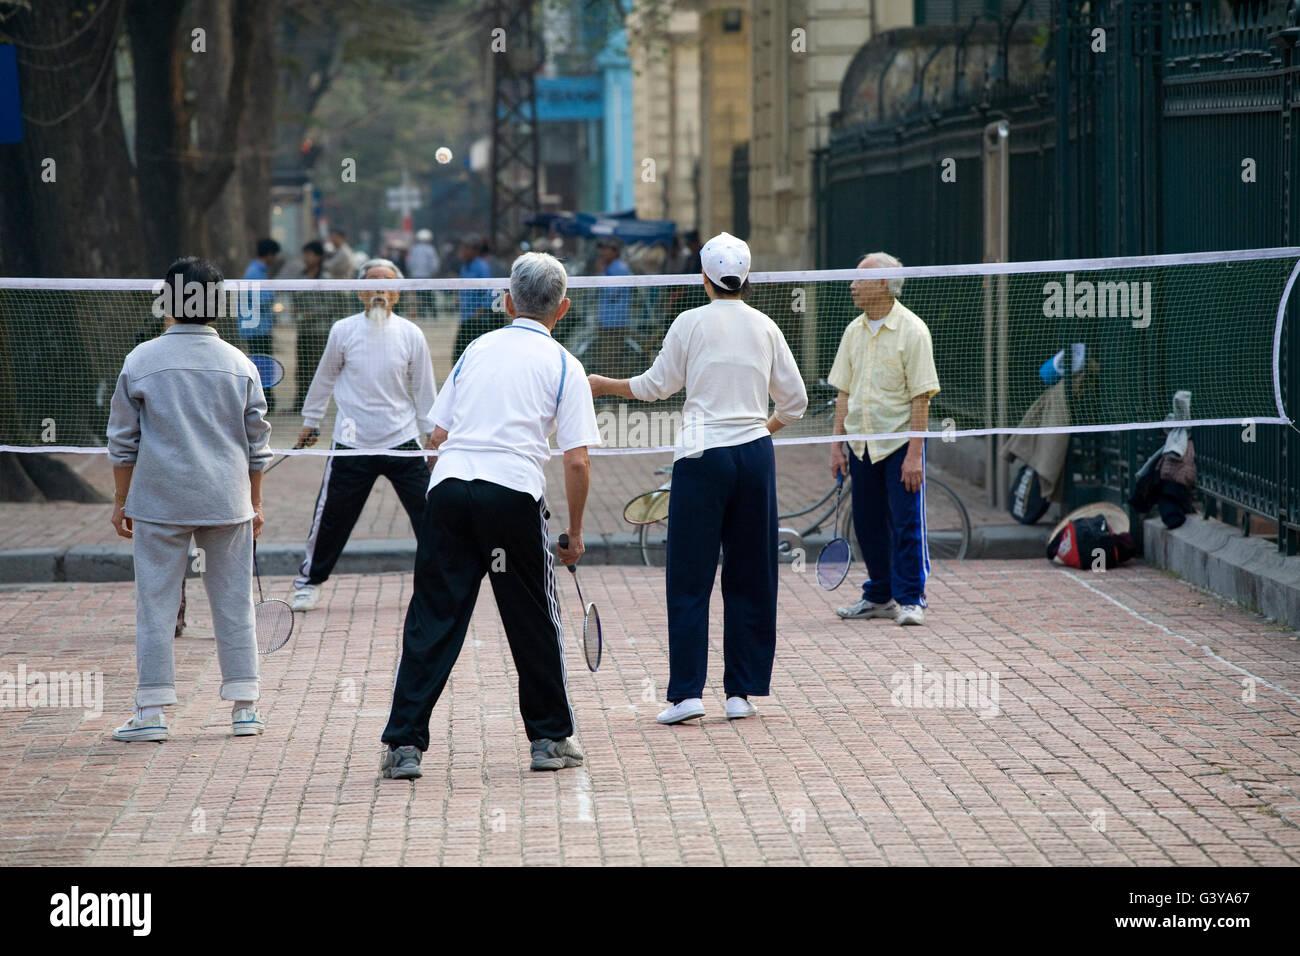 Les gens à jouer au badminton sur la street, Hanoï, Vietnam, Asie du Sud, Asie Photo Stock